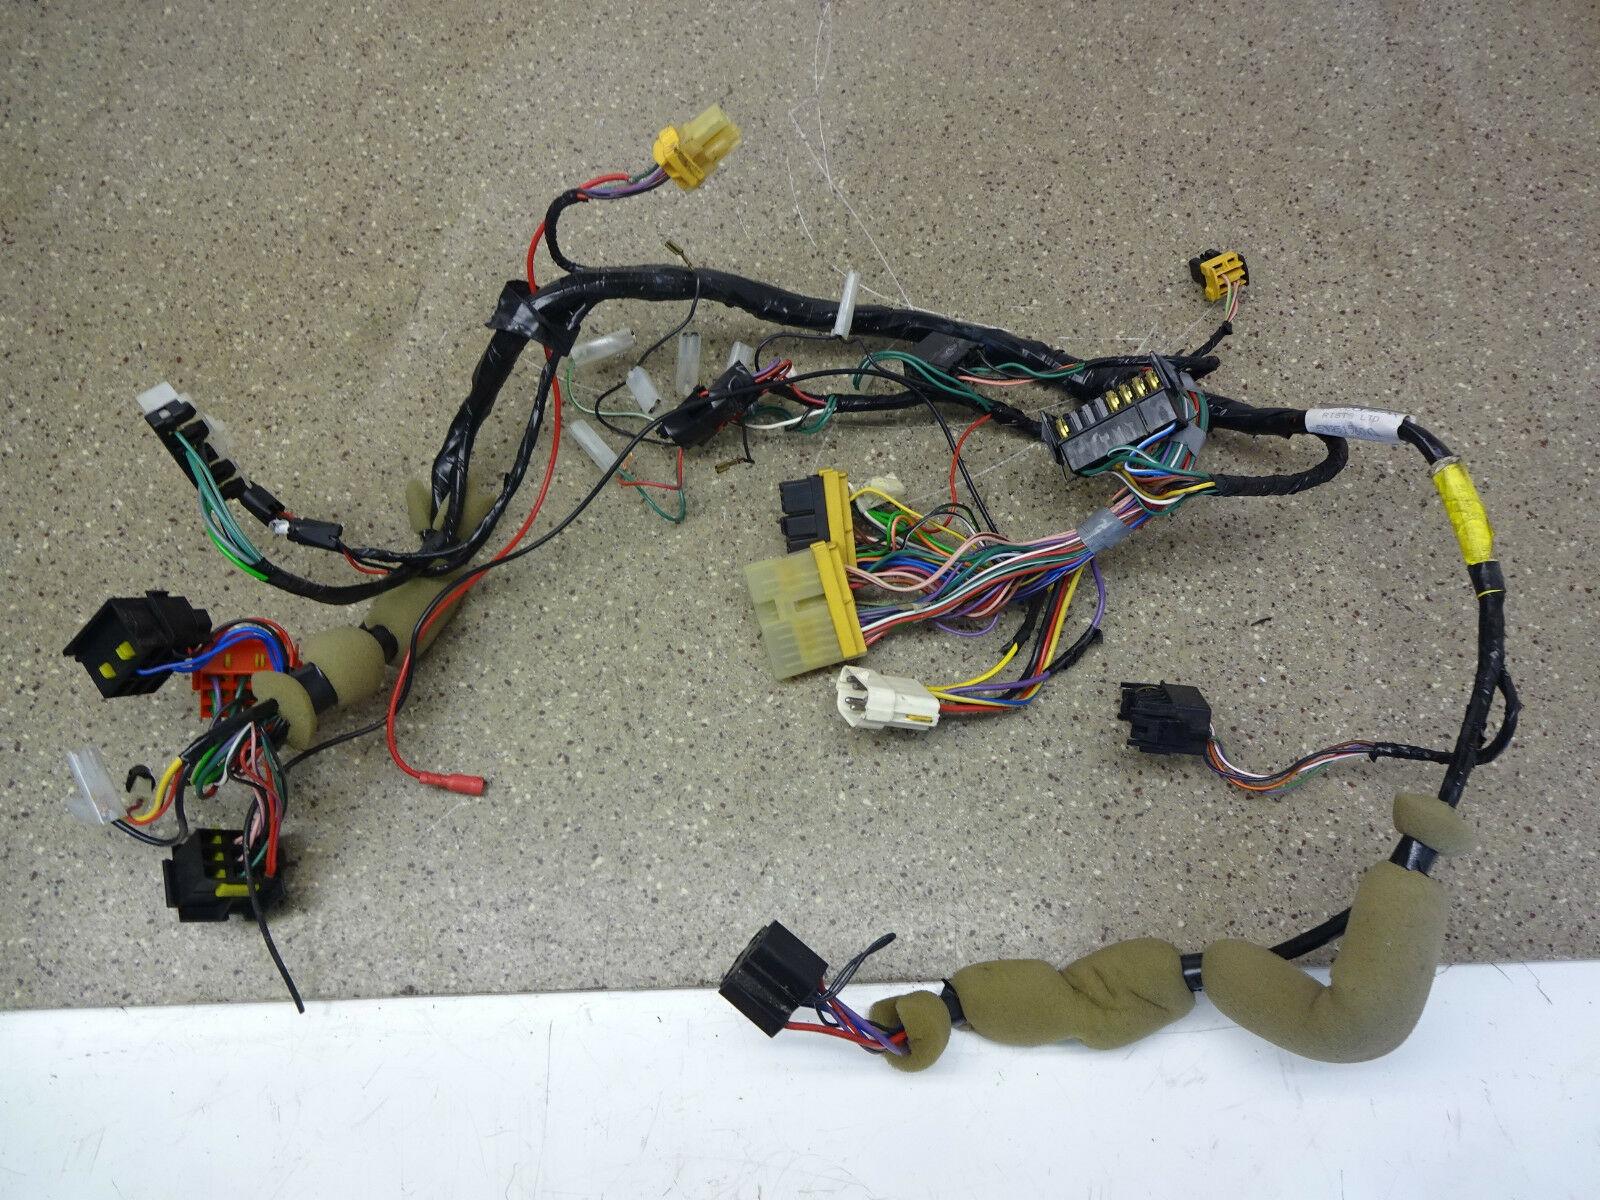 hight resolution of lotus elan m100 dashboard wiring harness c100m0002f m100 dashboard wiring harness